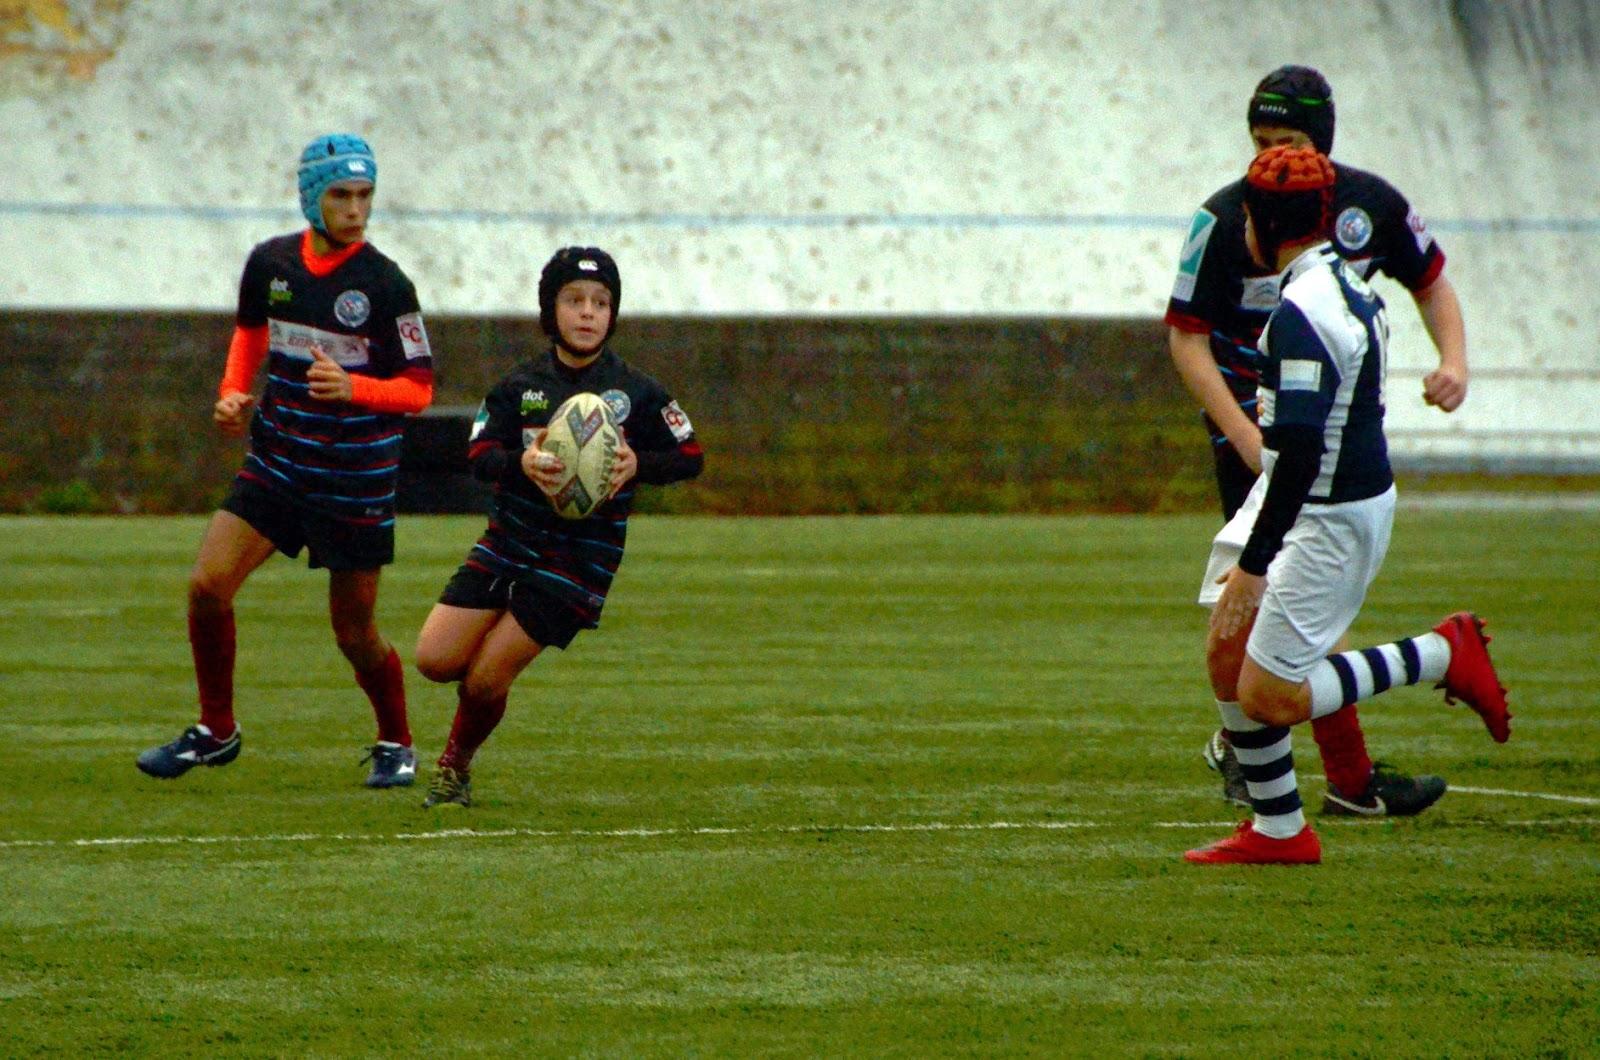 Velocità di incontri di rugby